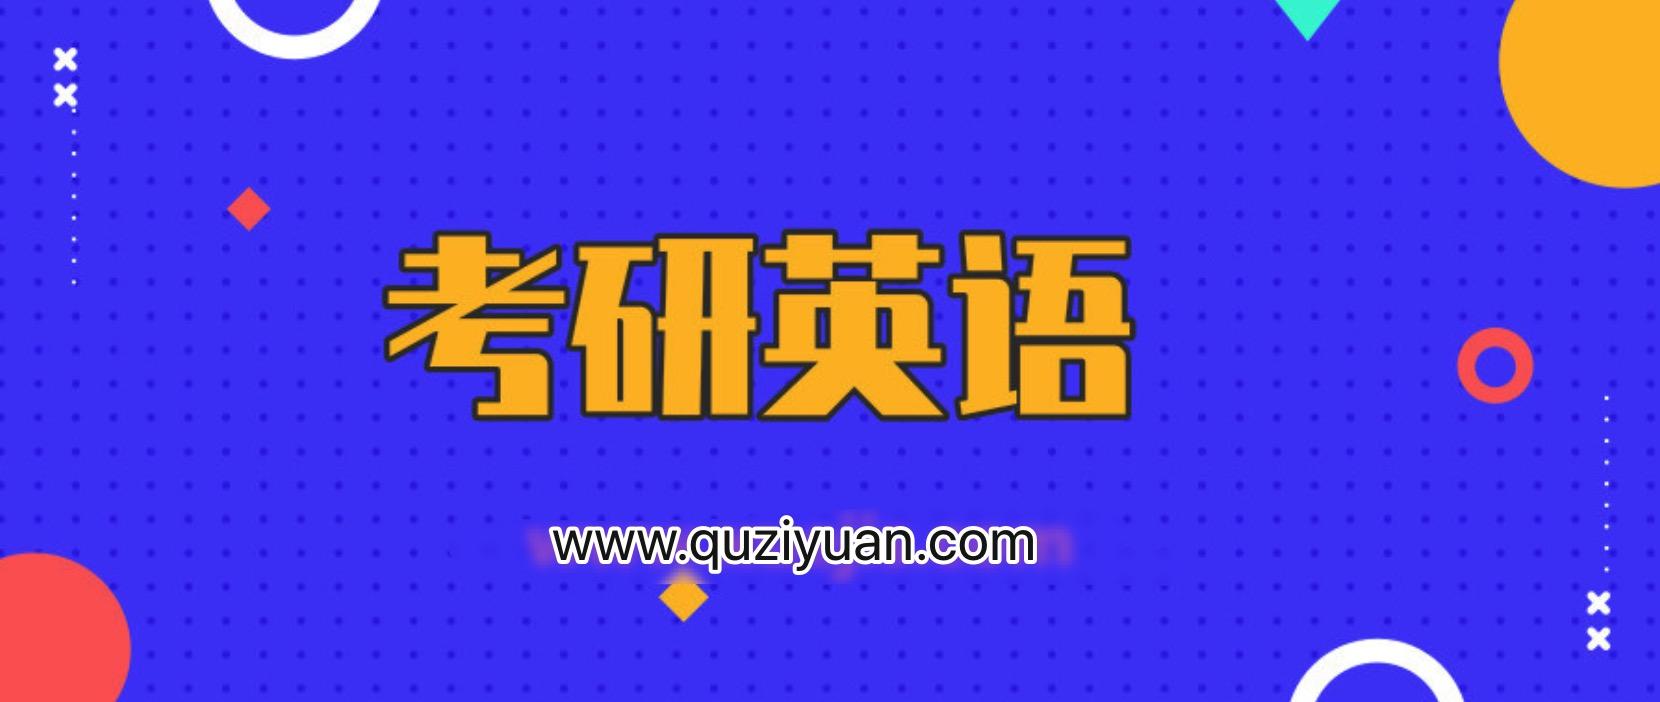 2020考研英语刘晓艳CARRY班 百度网盘